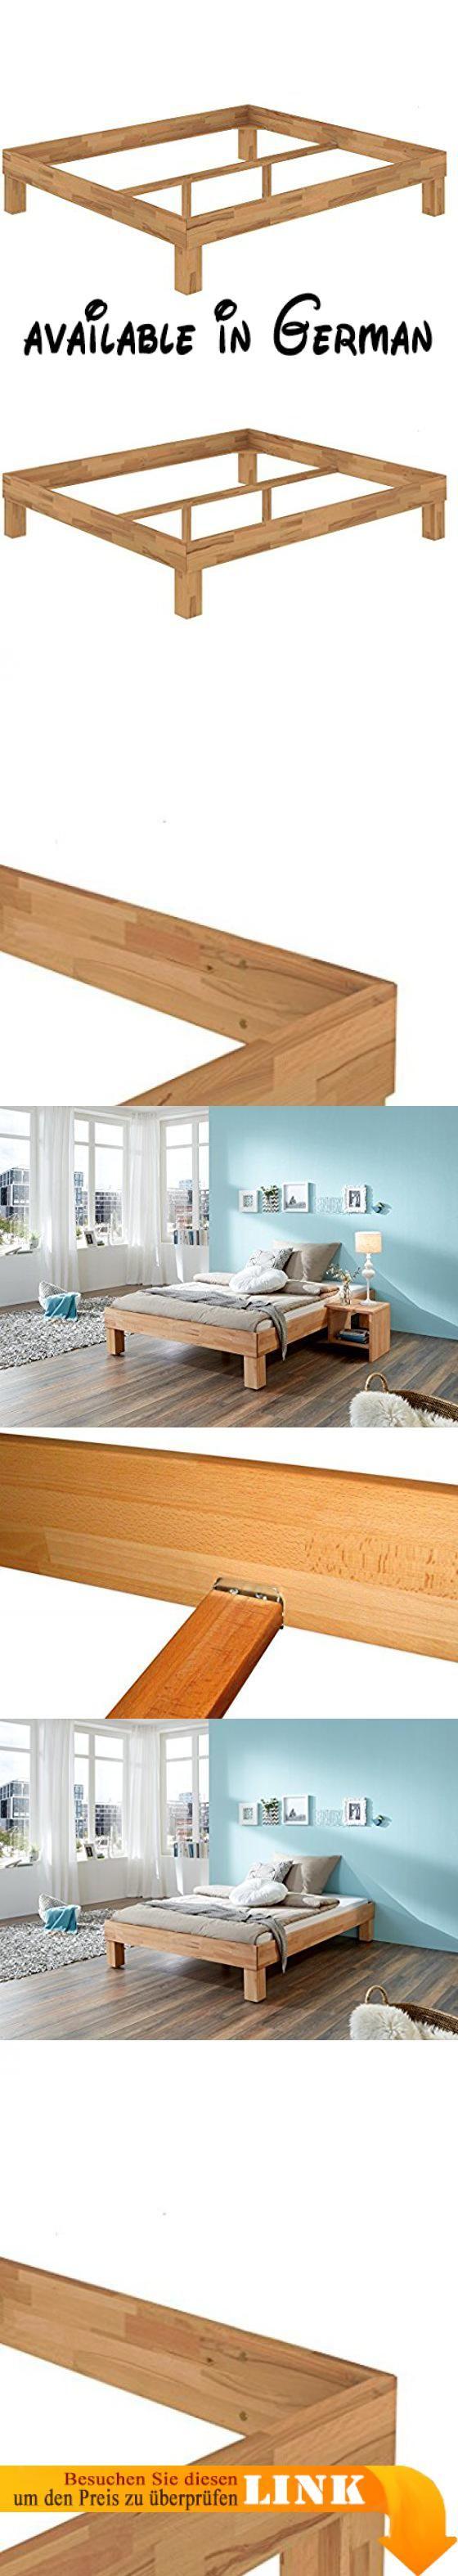 B01MXOUI3N : Französisches Bett Doppelbett 140x200 Bio Buche geölt ...